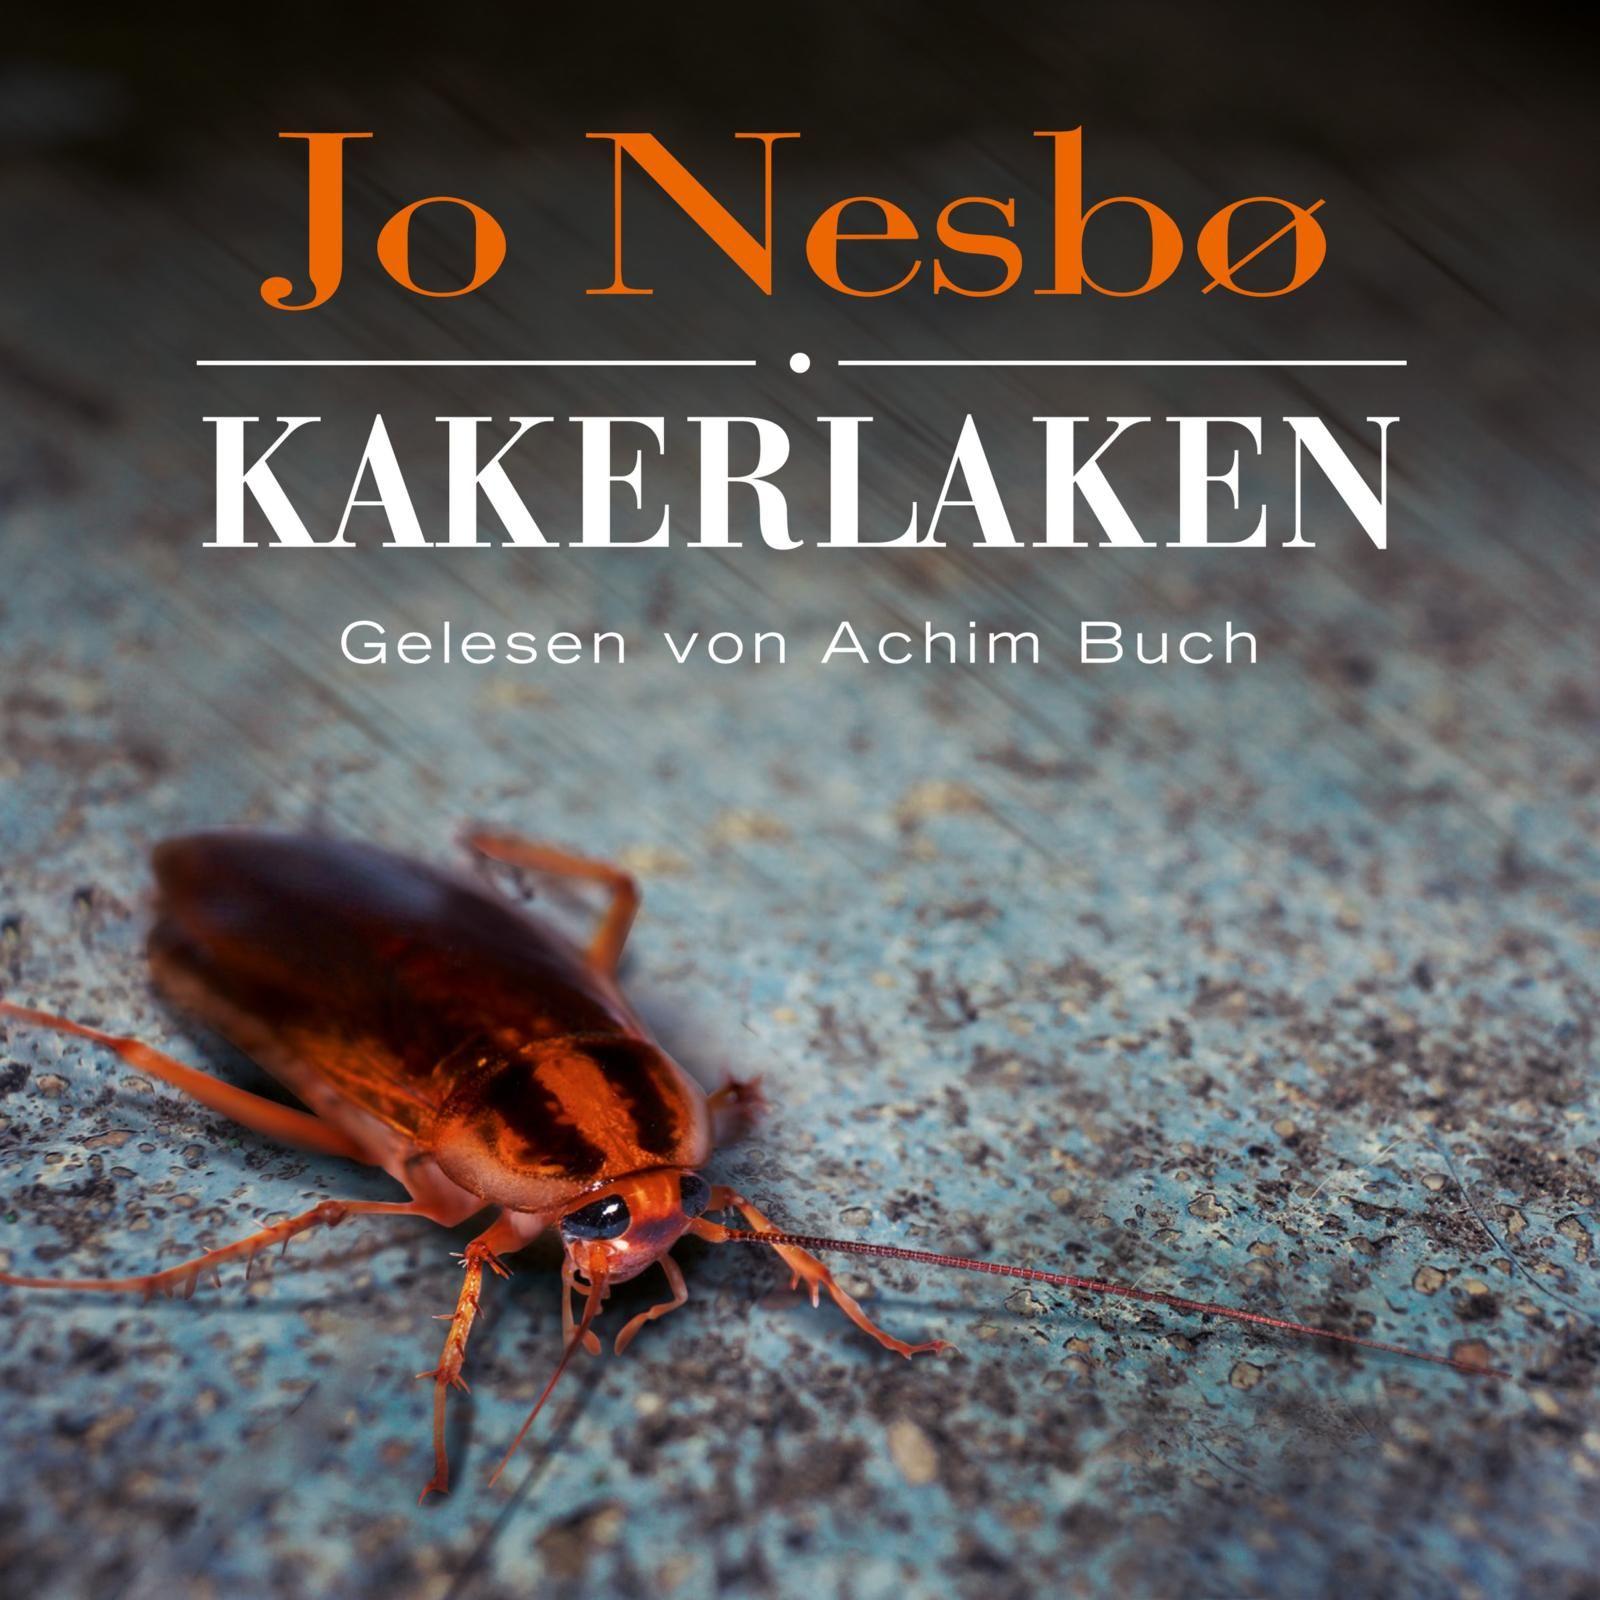 Jo-Nesb-Kakerlaken-9783869092133